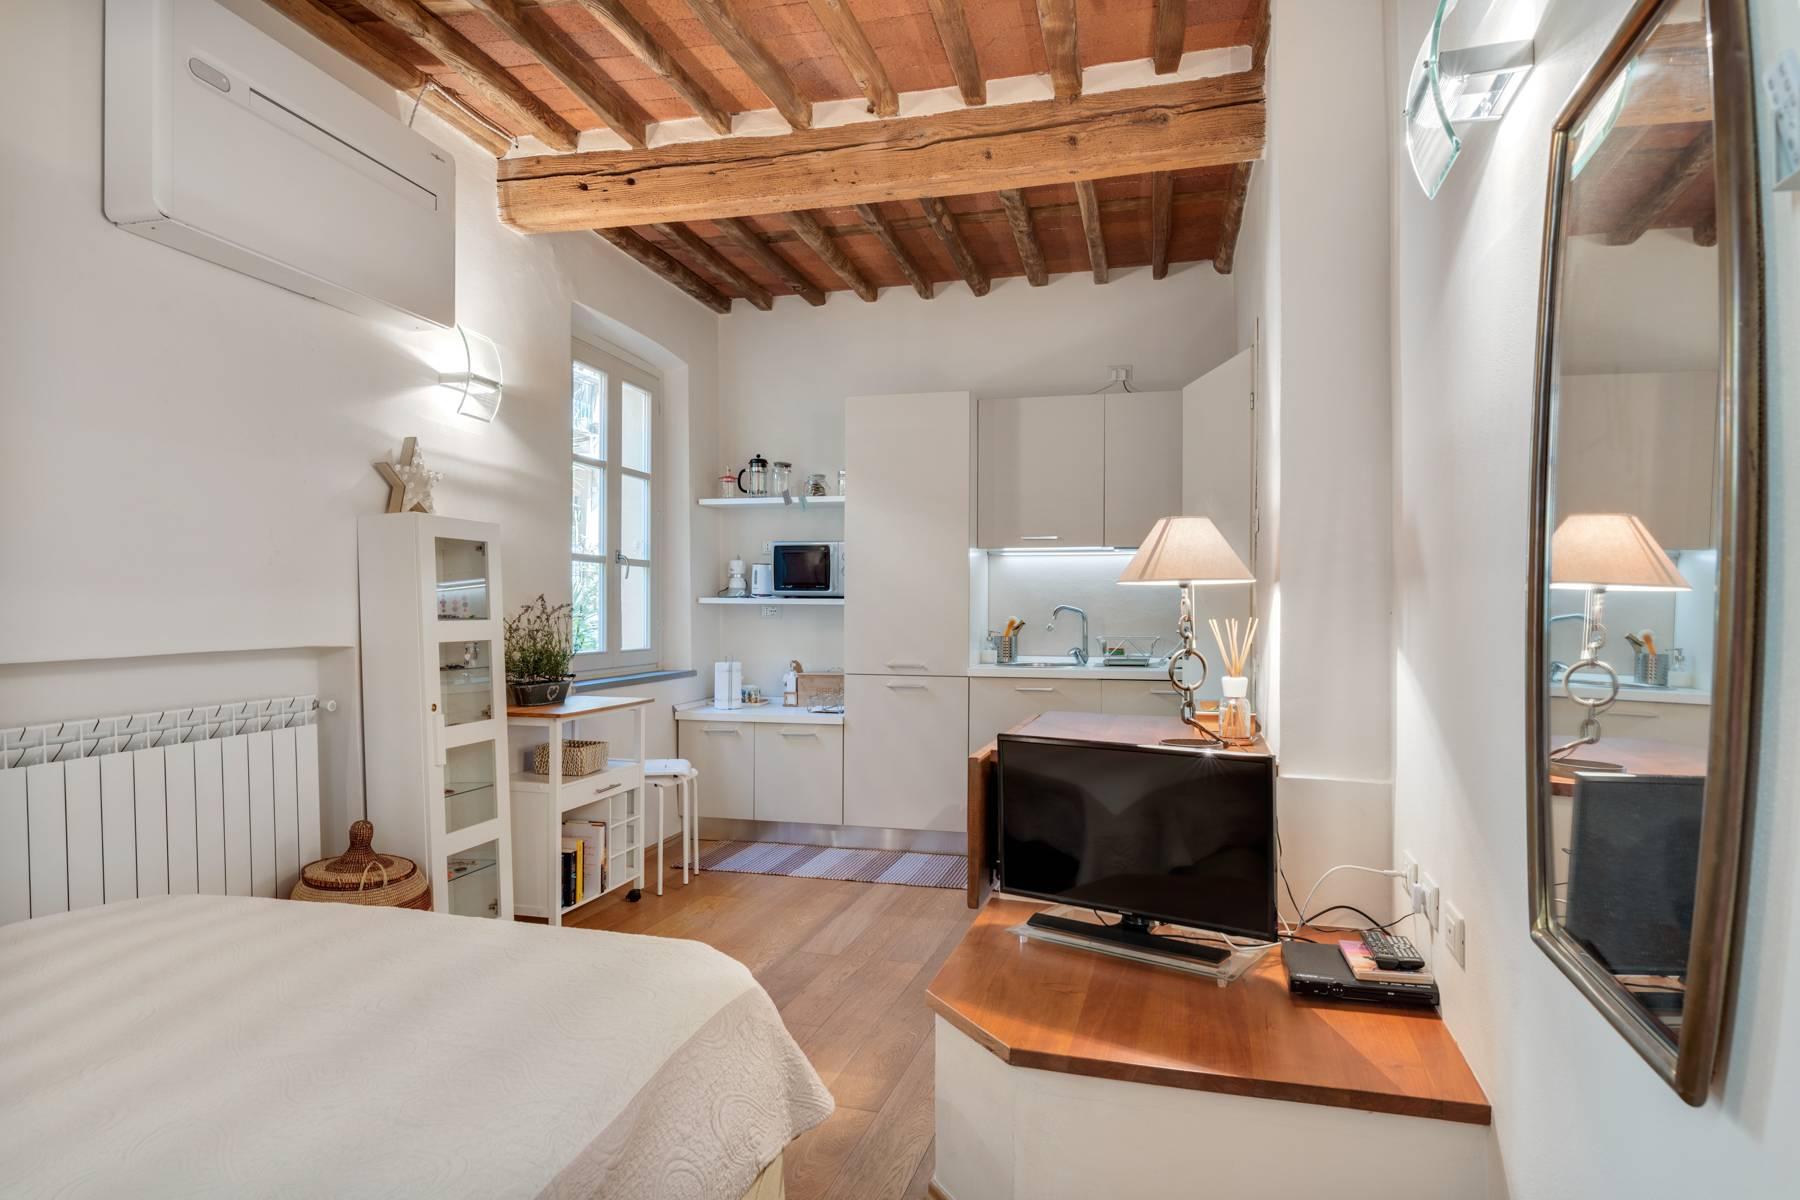 Grazioso appartamento indipendente nel cuore di Lucca - 11